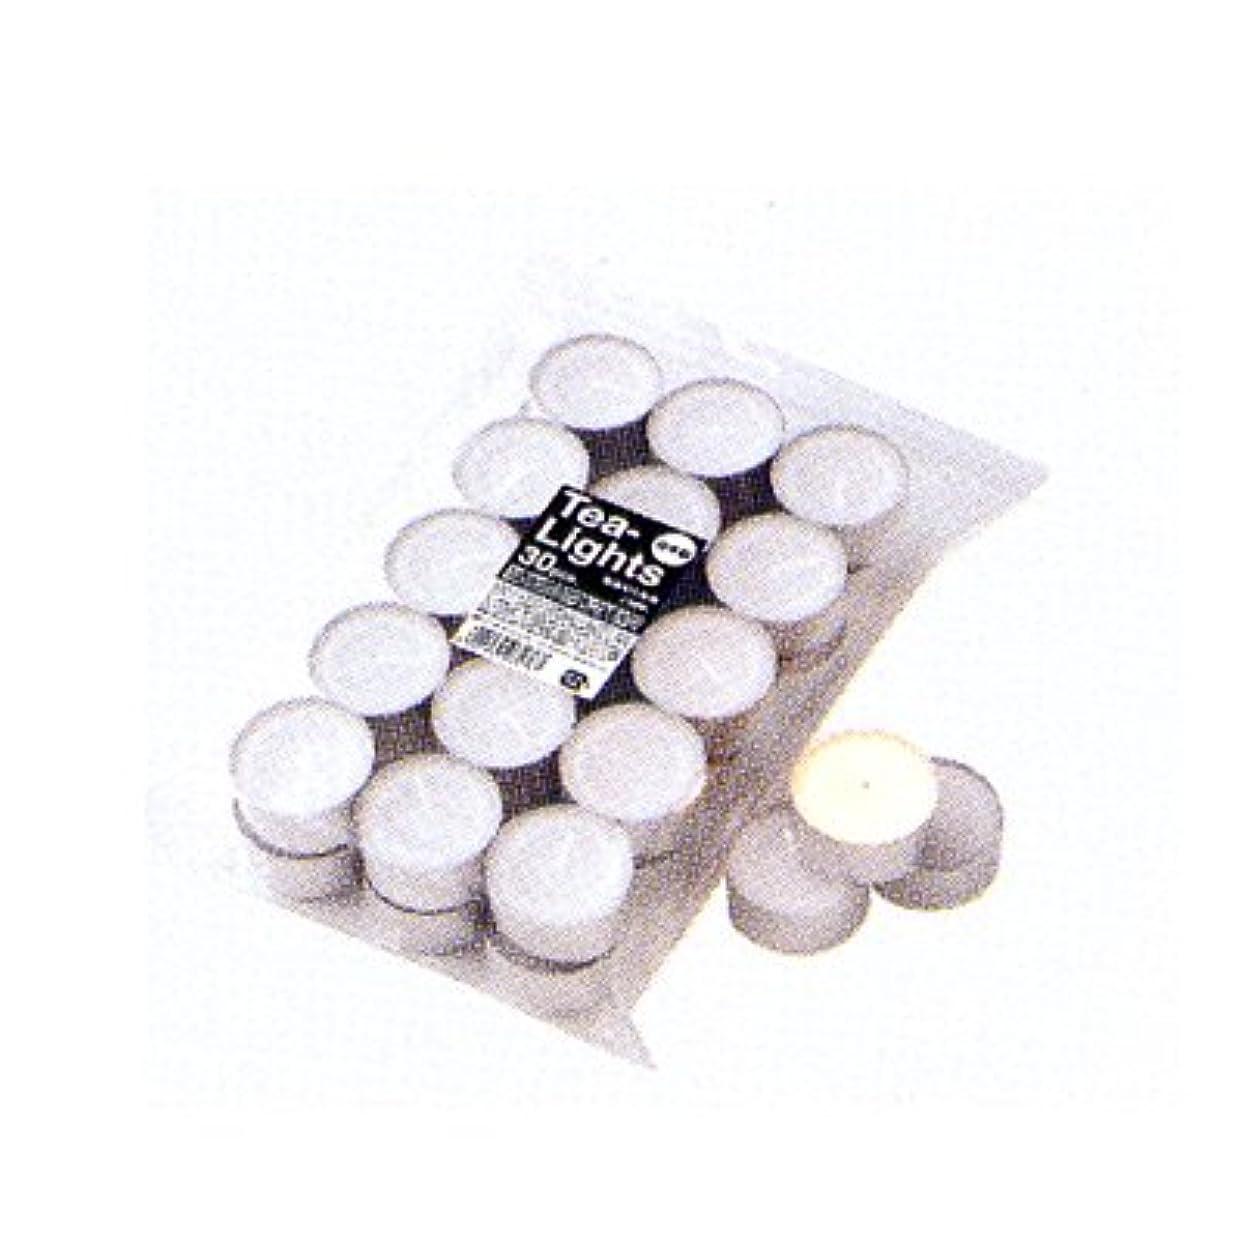 変換する流用する集団的カメヤマキャンドル ティーライト ティン キャンドル 30個袋入り